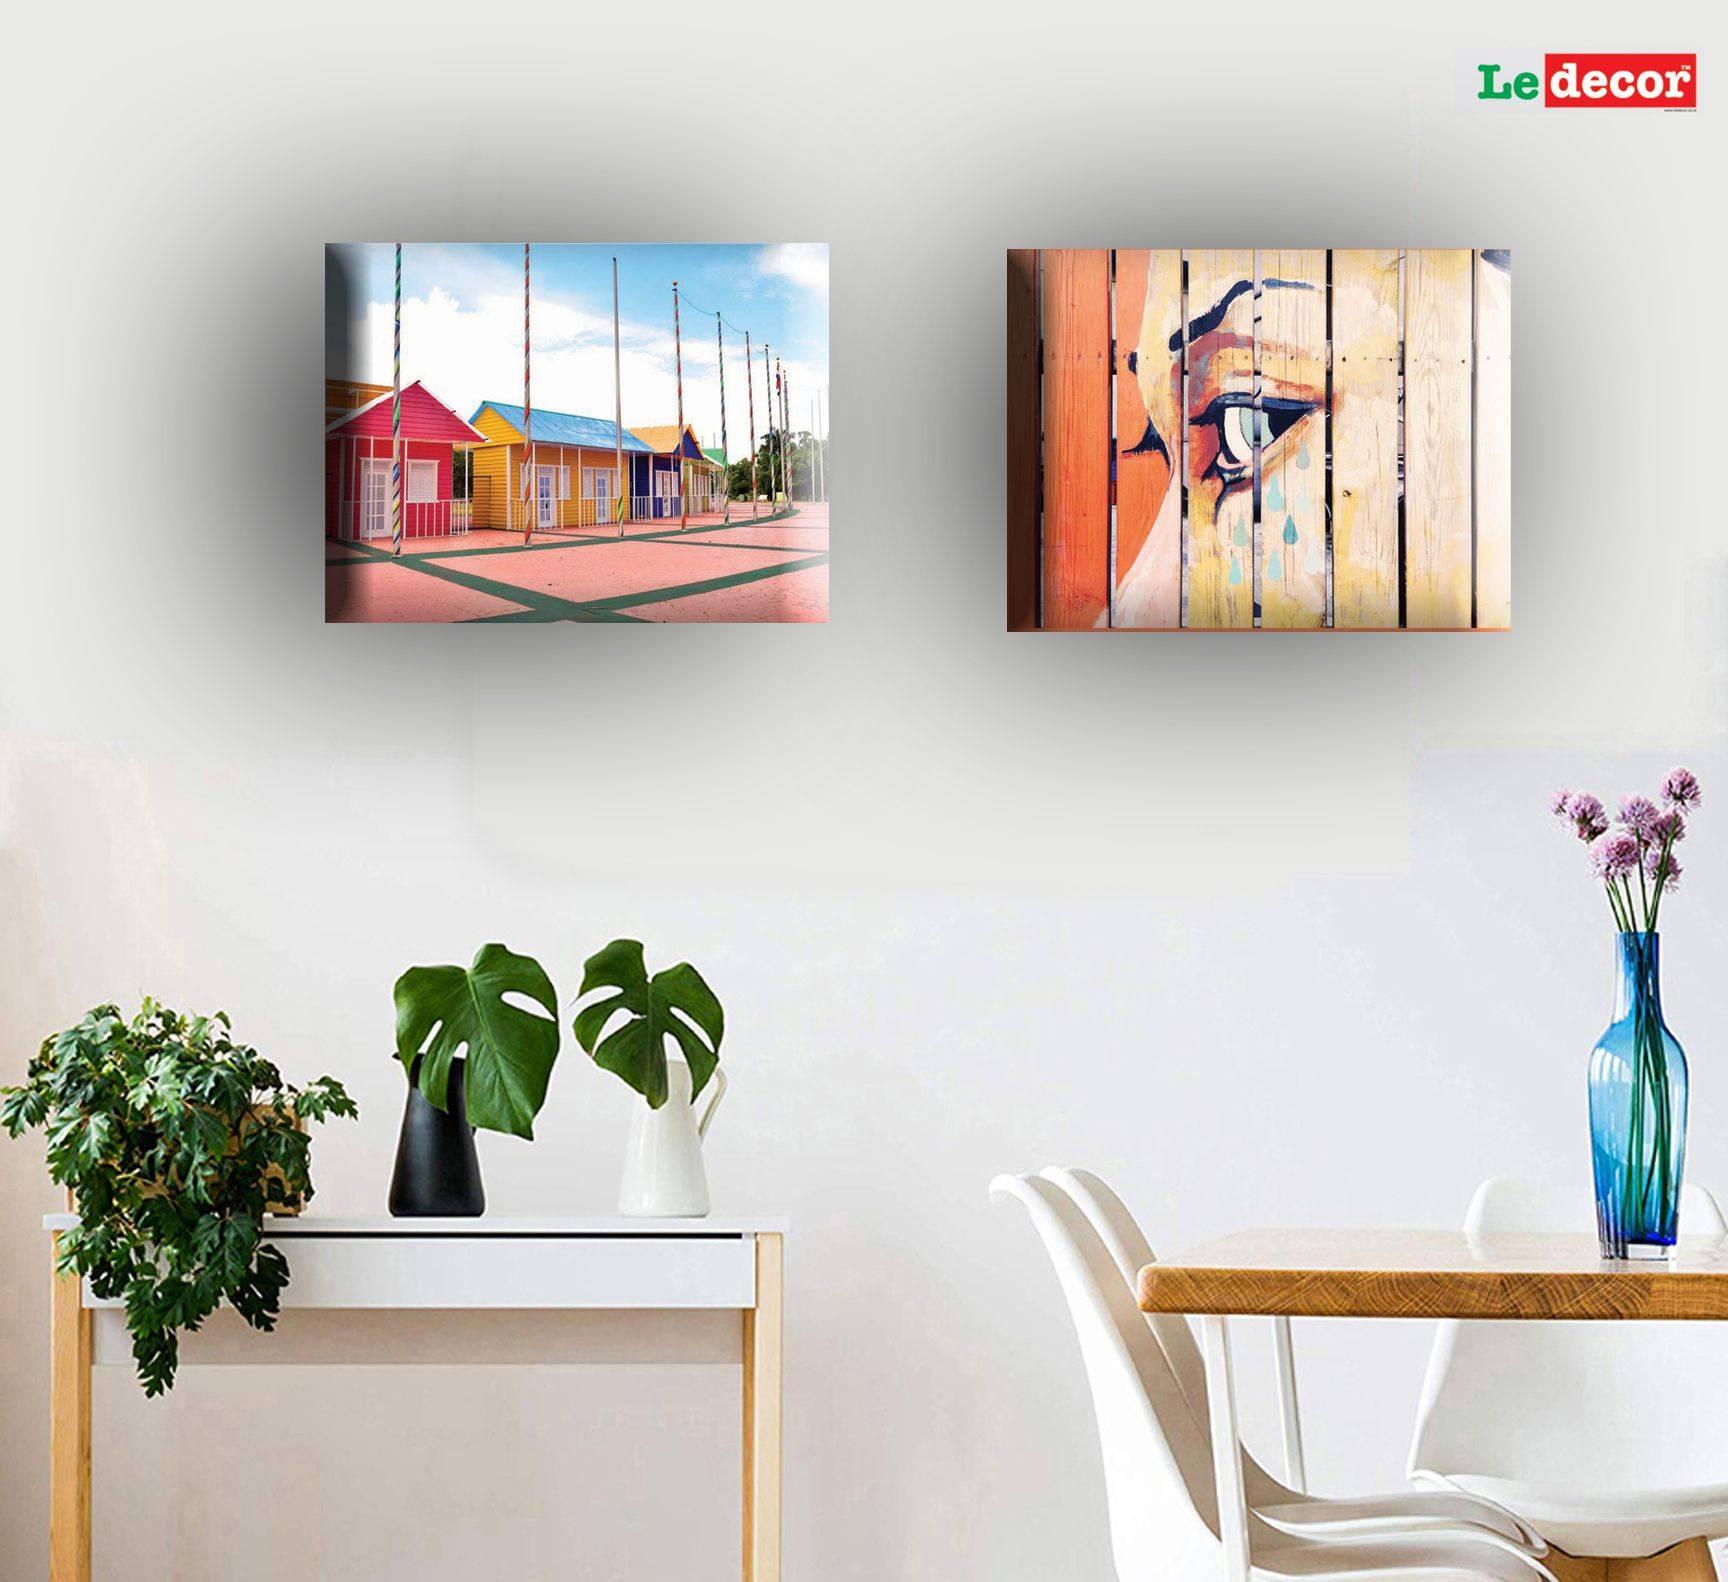 LEDECOR Canvas Wall Painting house SDL 2 f9283